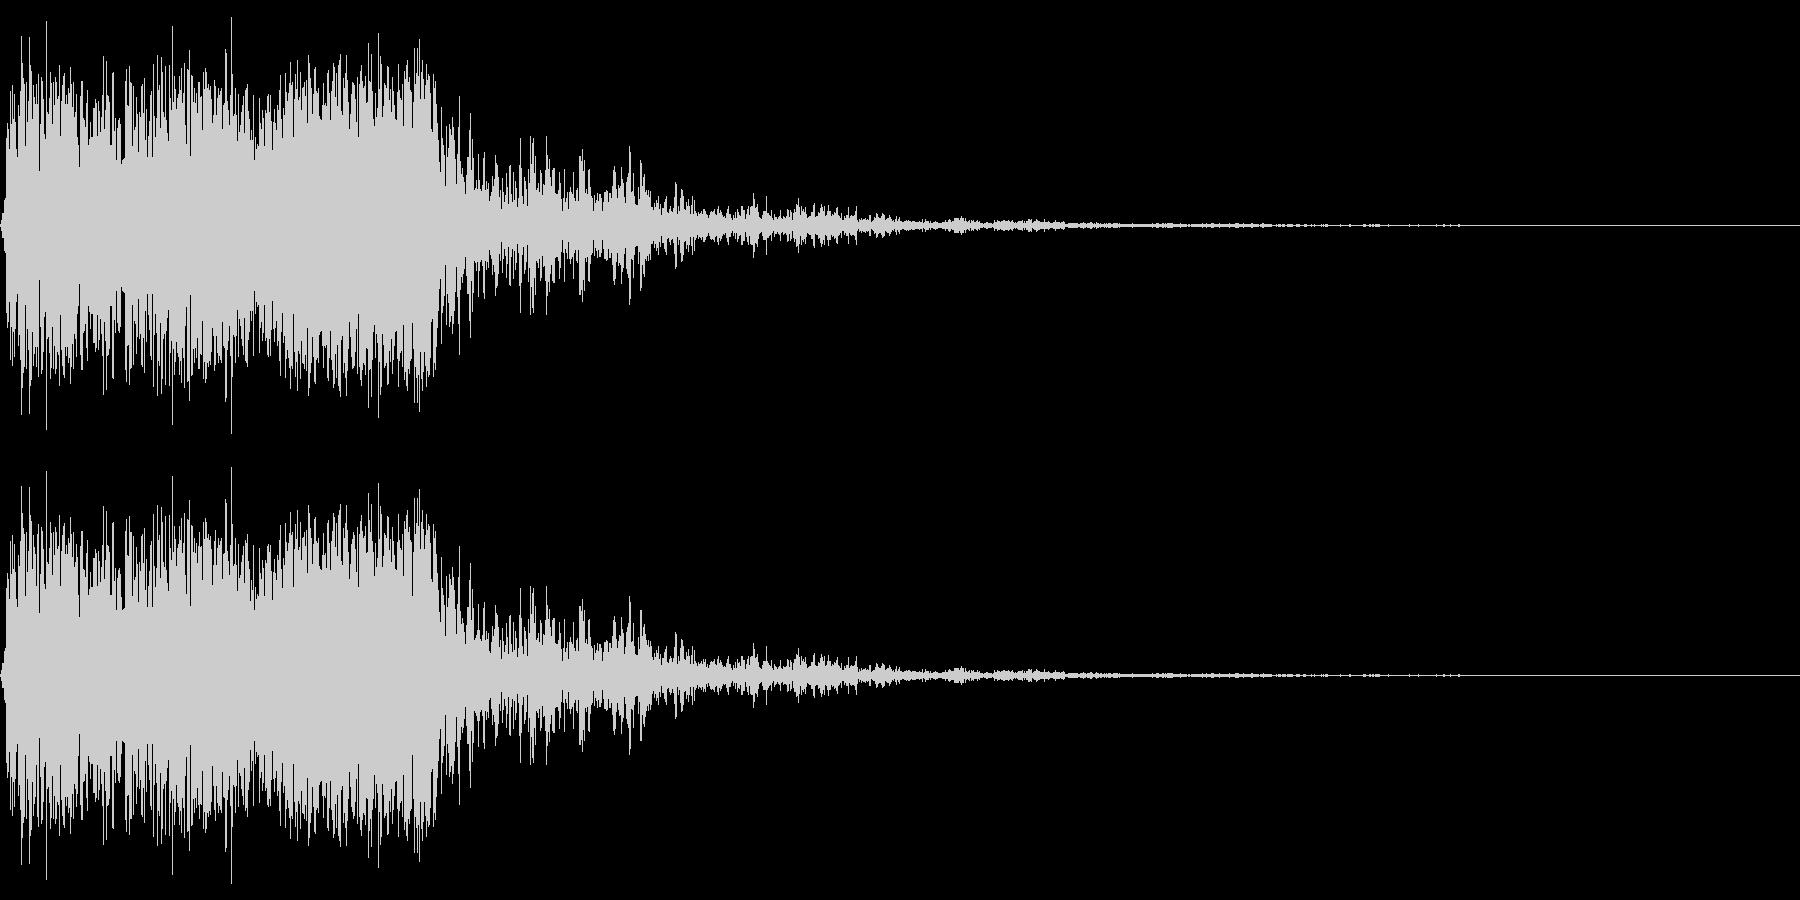 昔のゲームの様な非リアルな打撃音のイメ…の未再生の波形